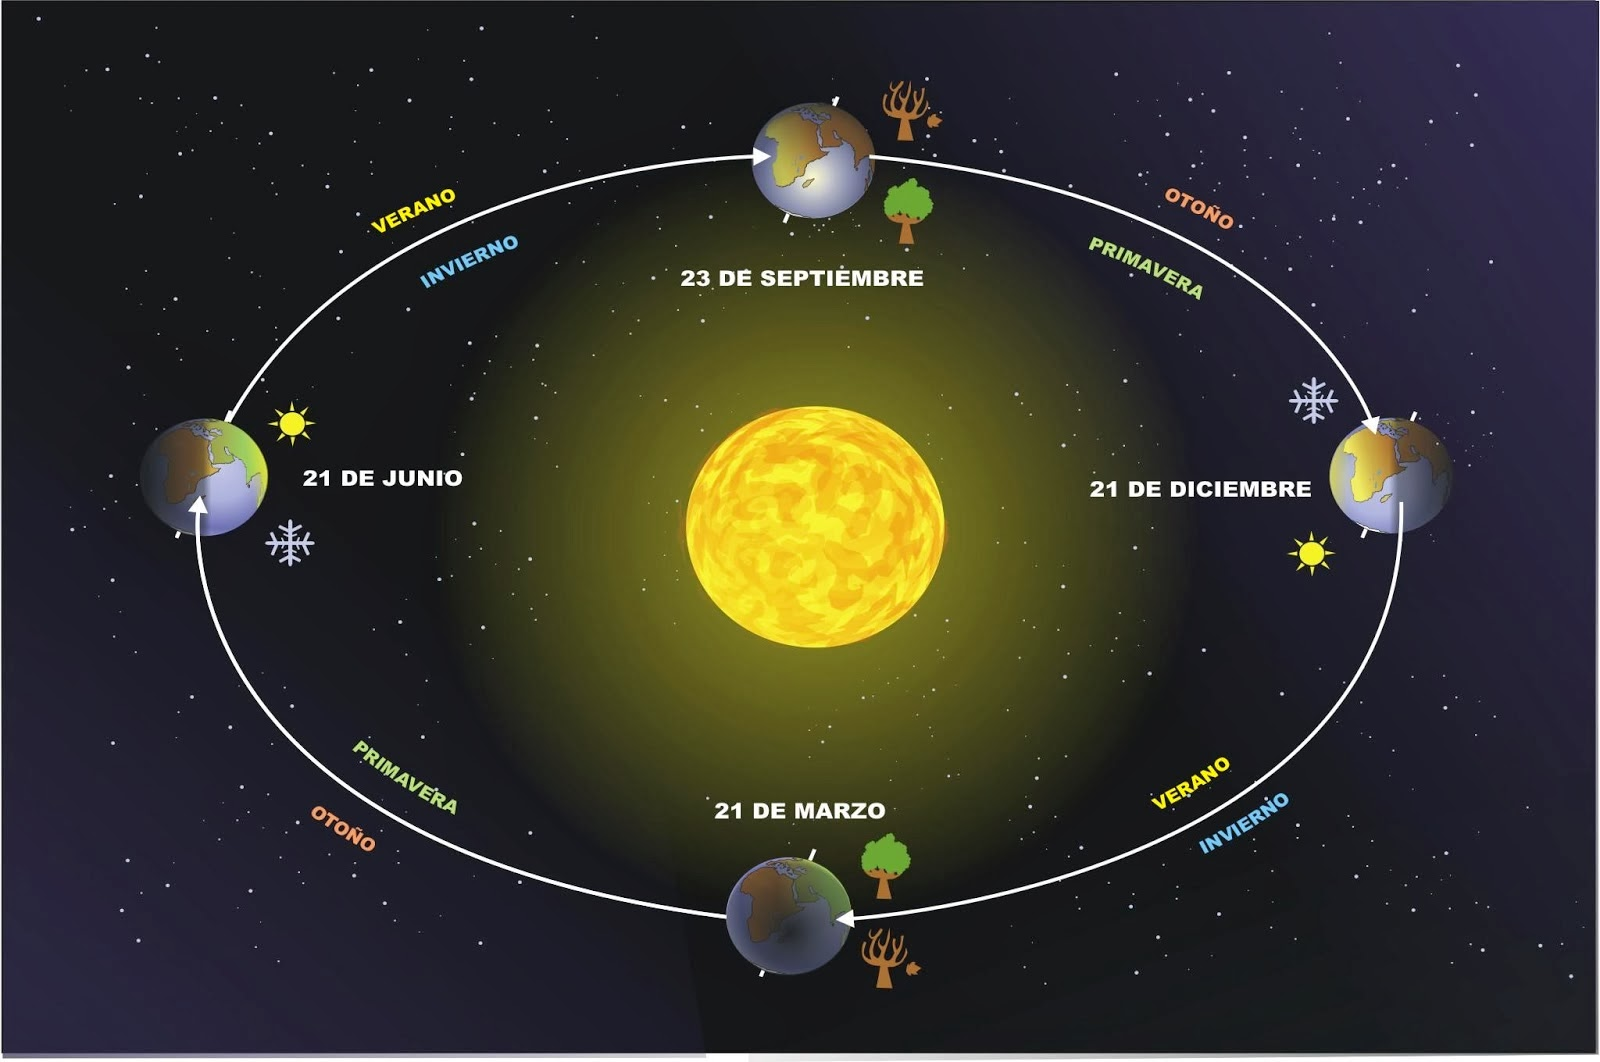 Cómo medir la inclinación del eje de rotación de la Tierra con ayuda de un martillo, tres clavos y un pedazo de madera